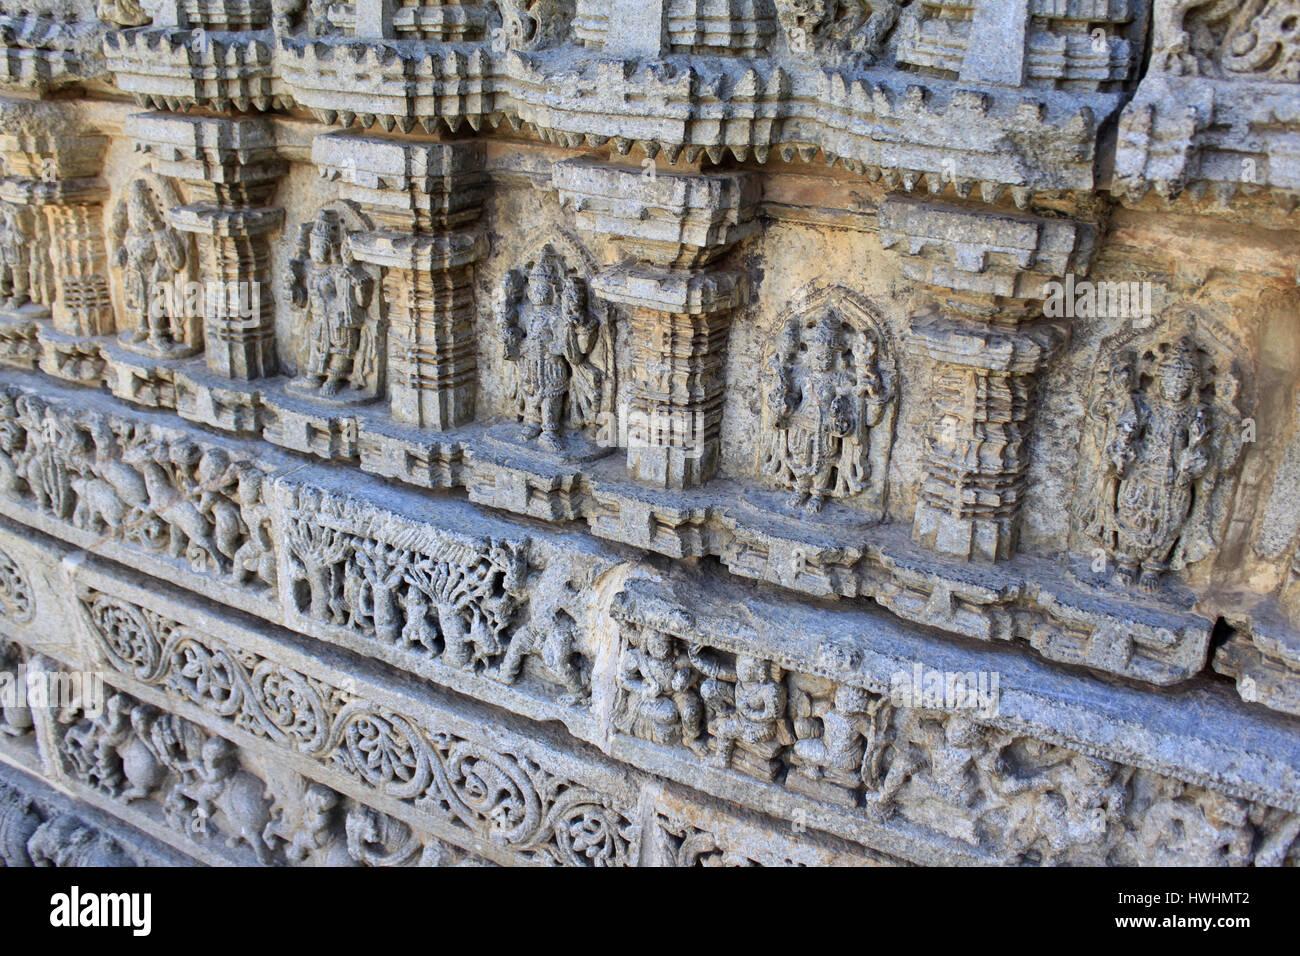 Fries Architektur nahaufnahme eines wandreliefs guß fries im tempel chennakesava